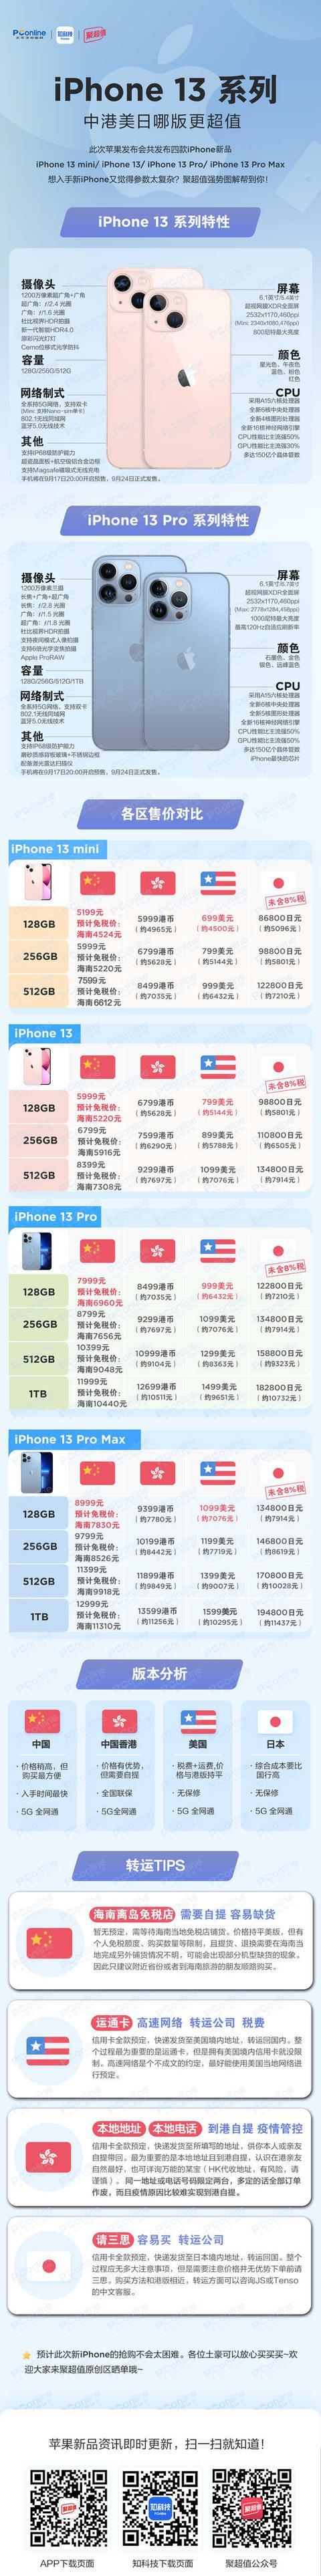 苹果iPhone13系列一图看:购买哪个版本才真的香?